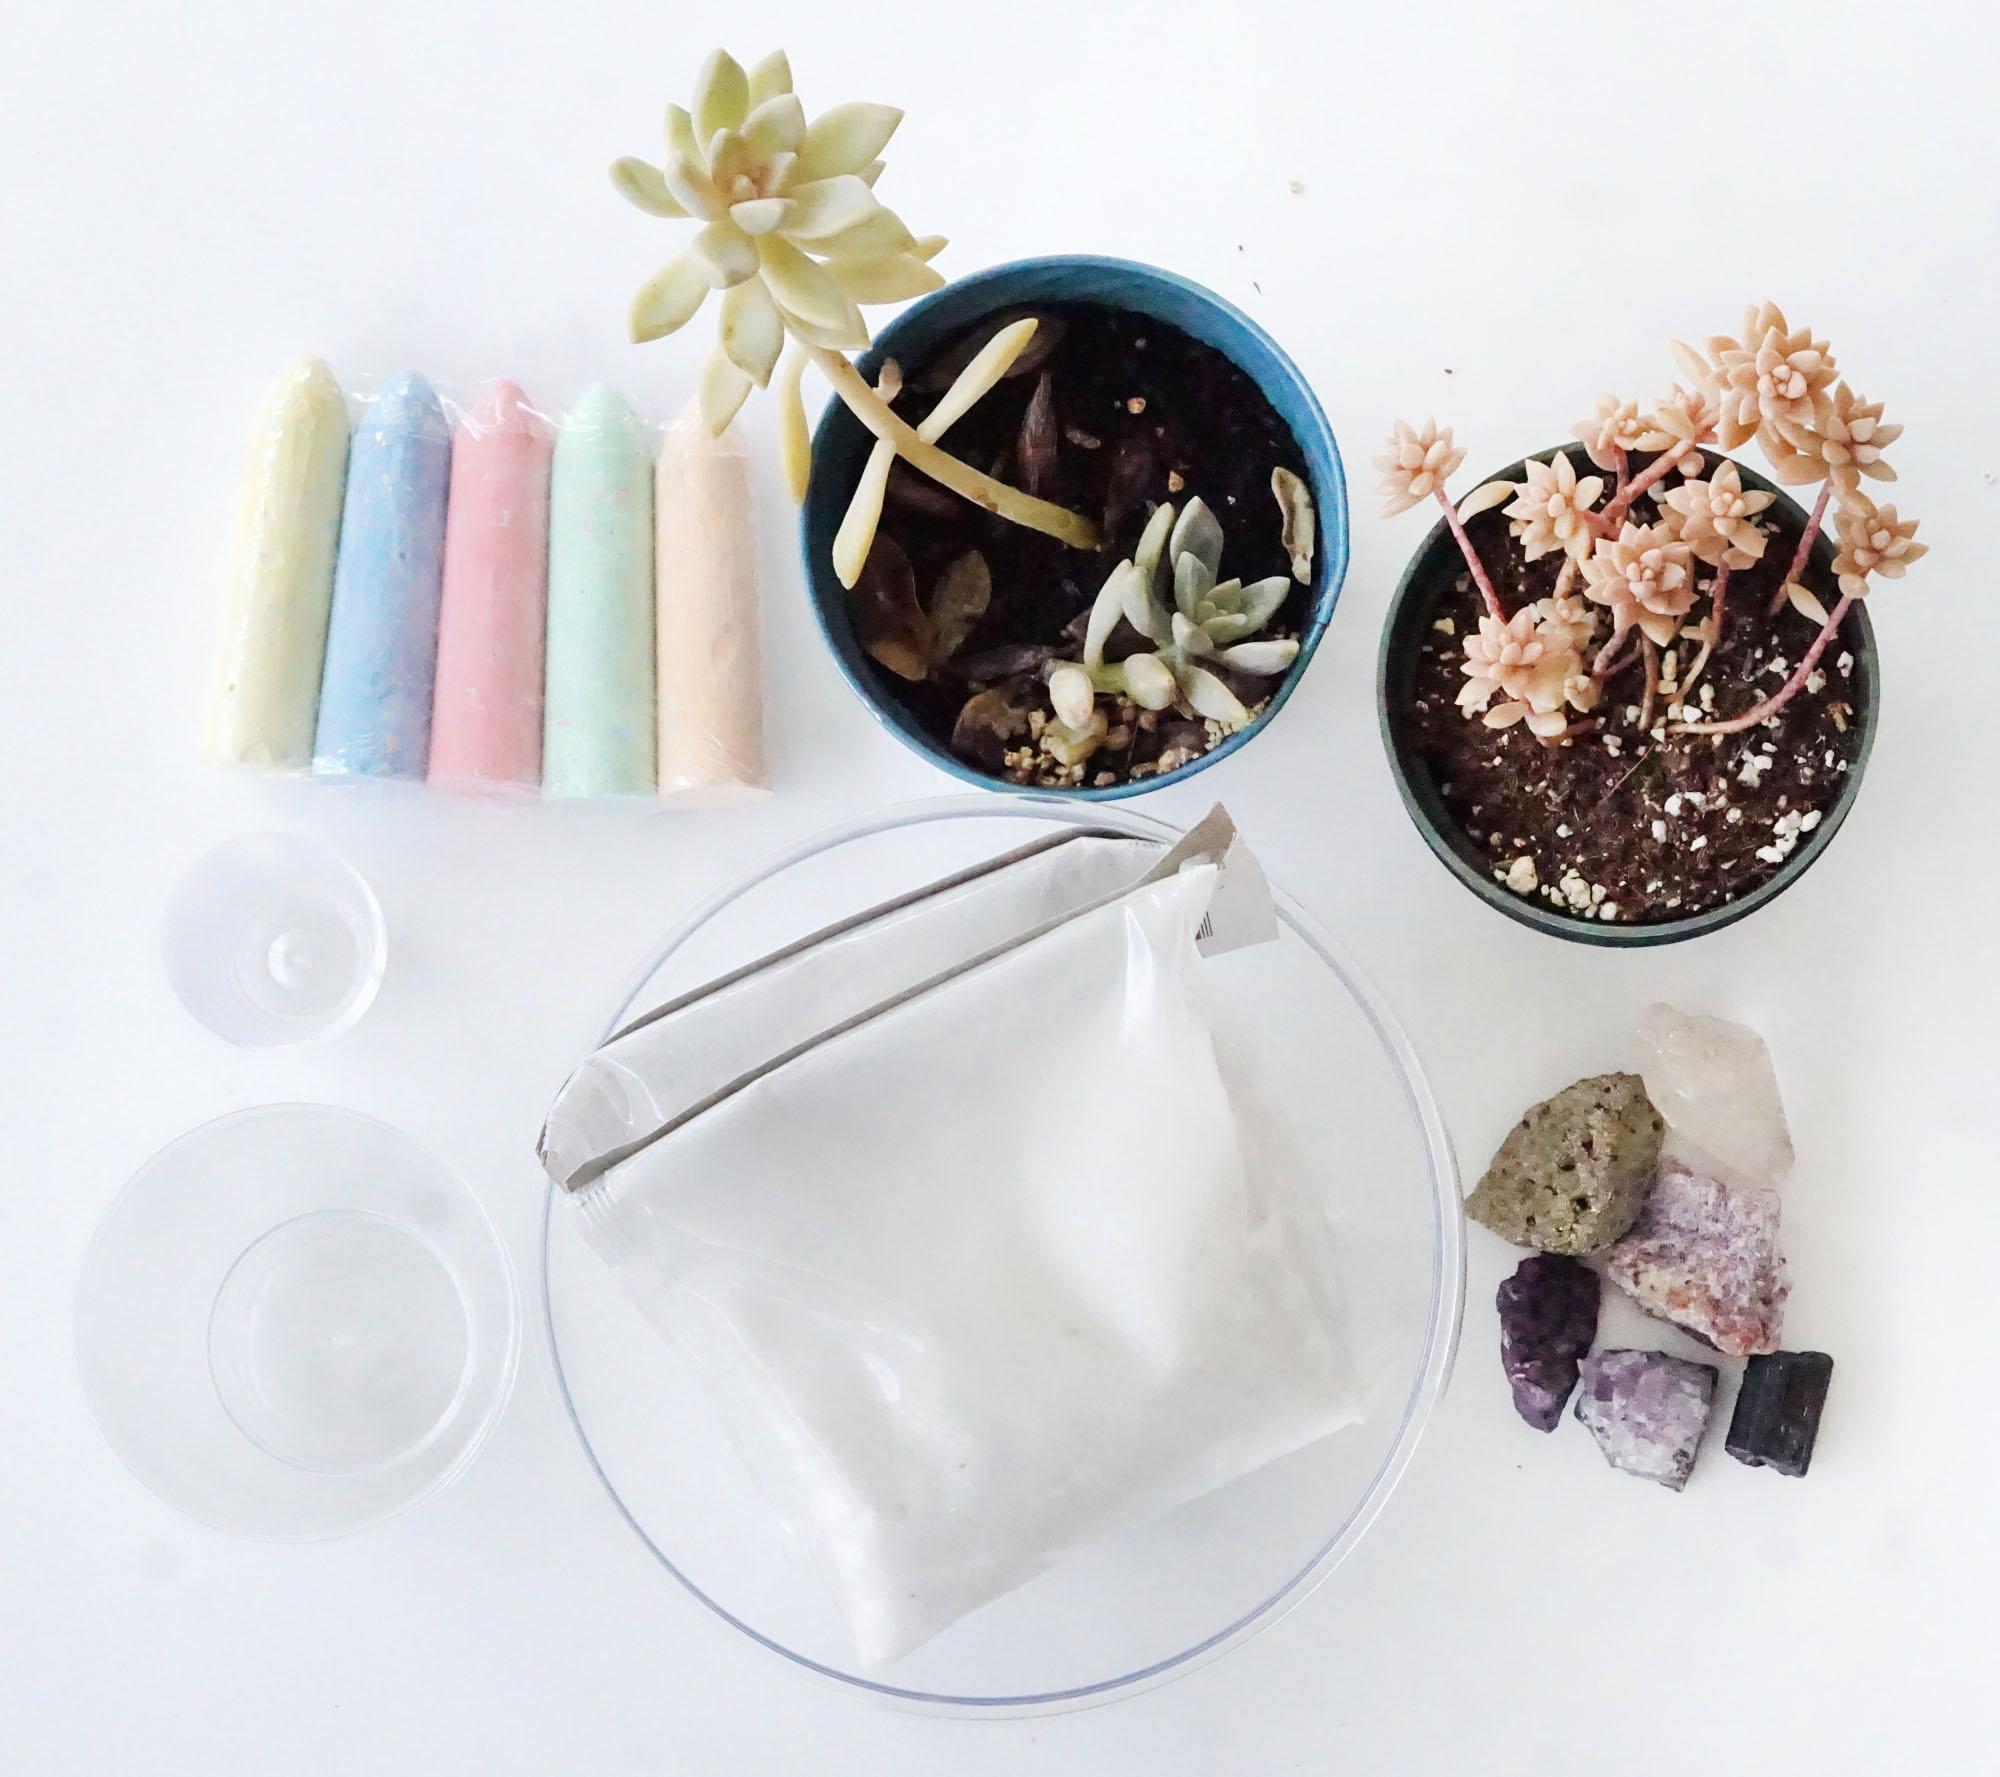 Table Zen Garden Supplies: